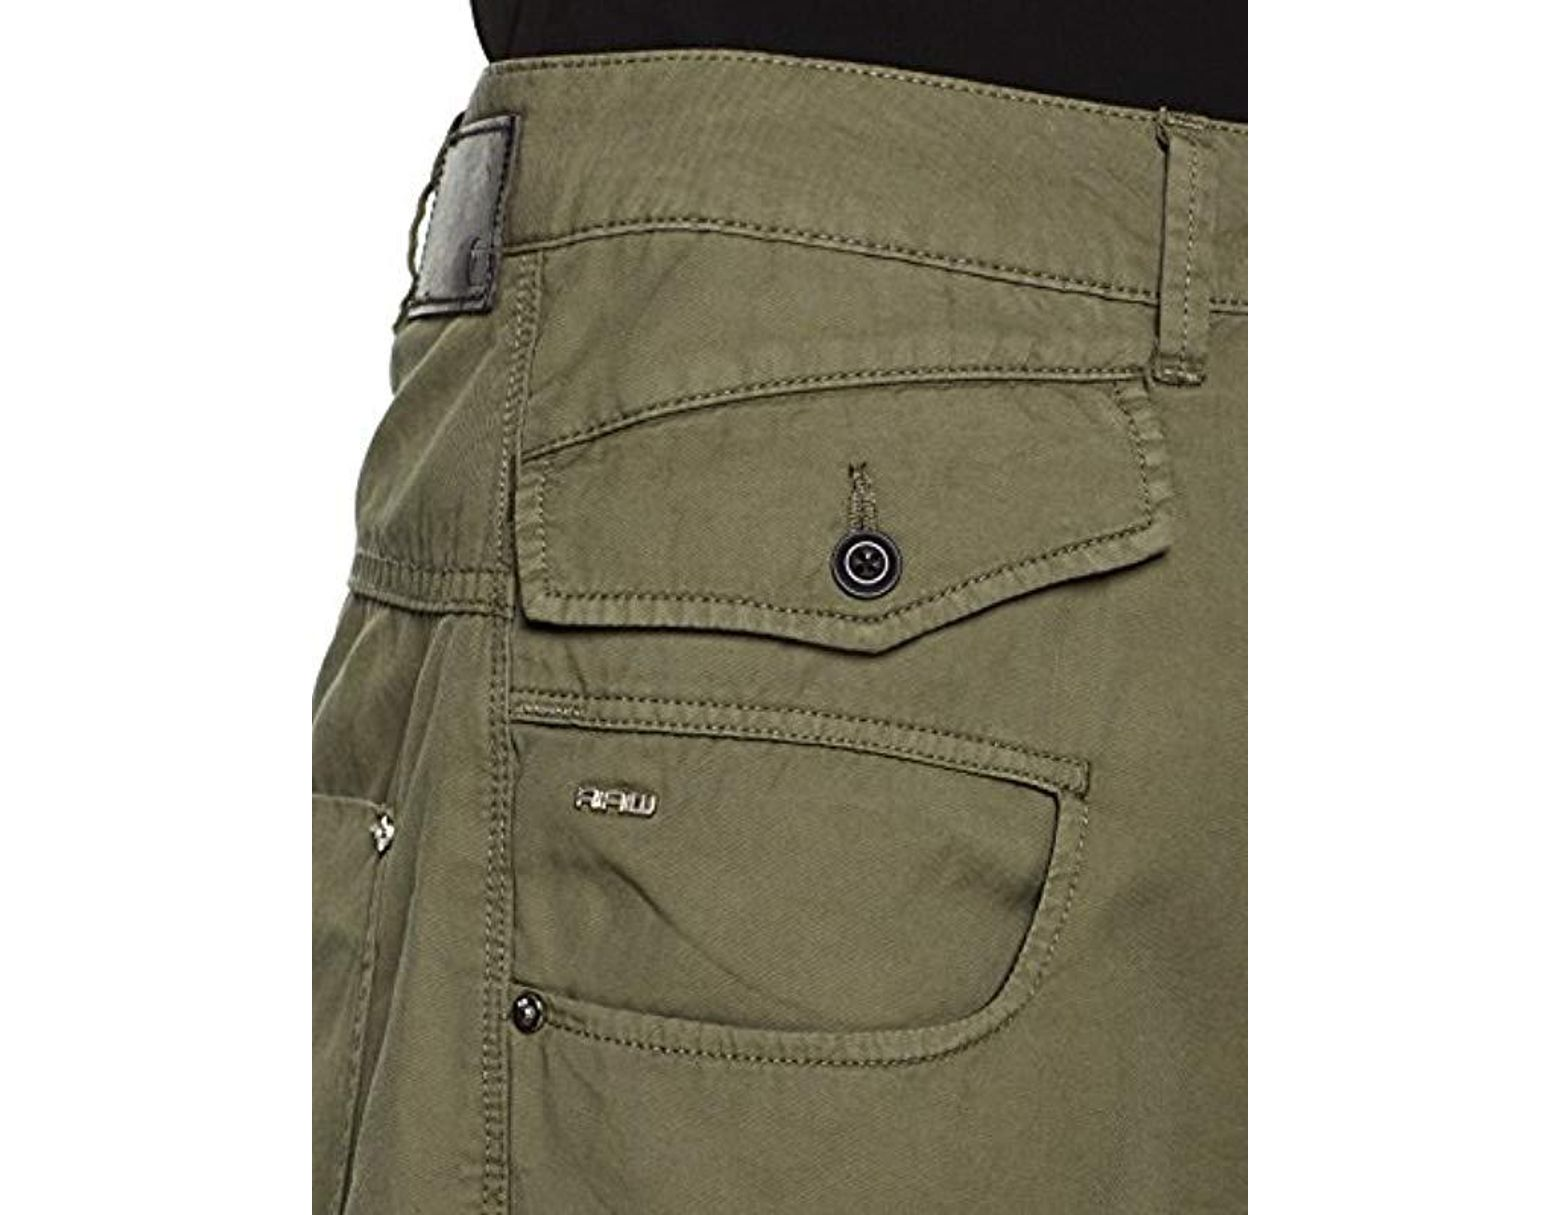 f61e037d5f0 G-Star RAW Army Radar Mid Waist Boyfriend Trousers in Green - Save 8% - Lyst